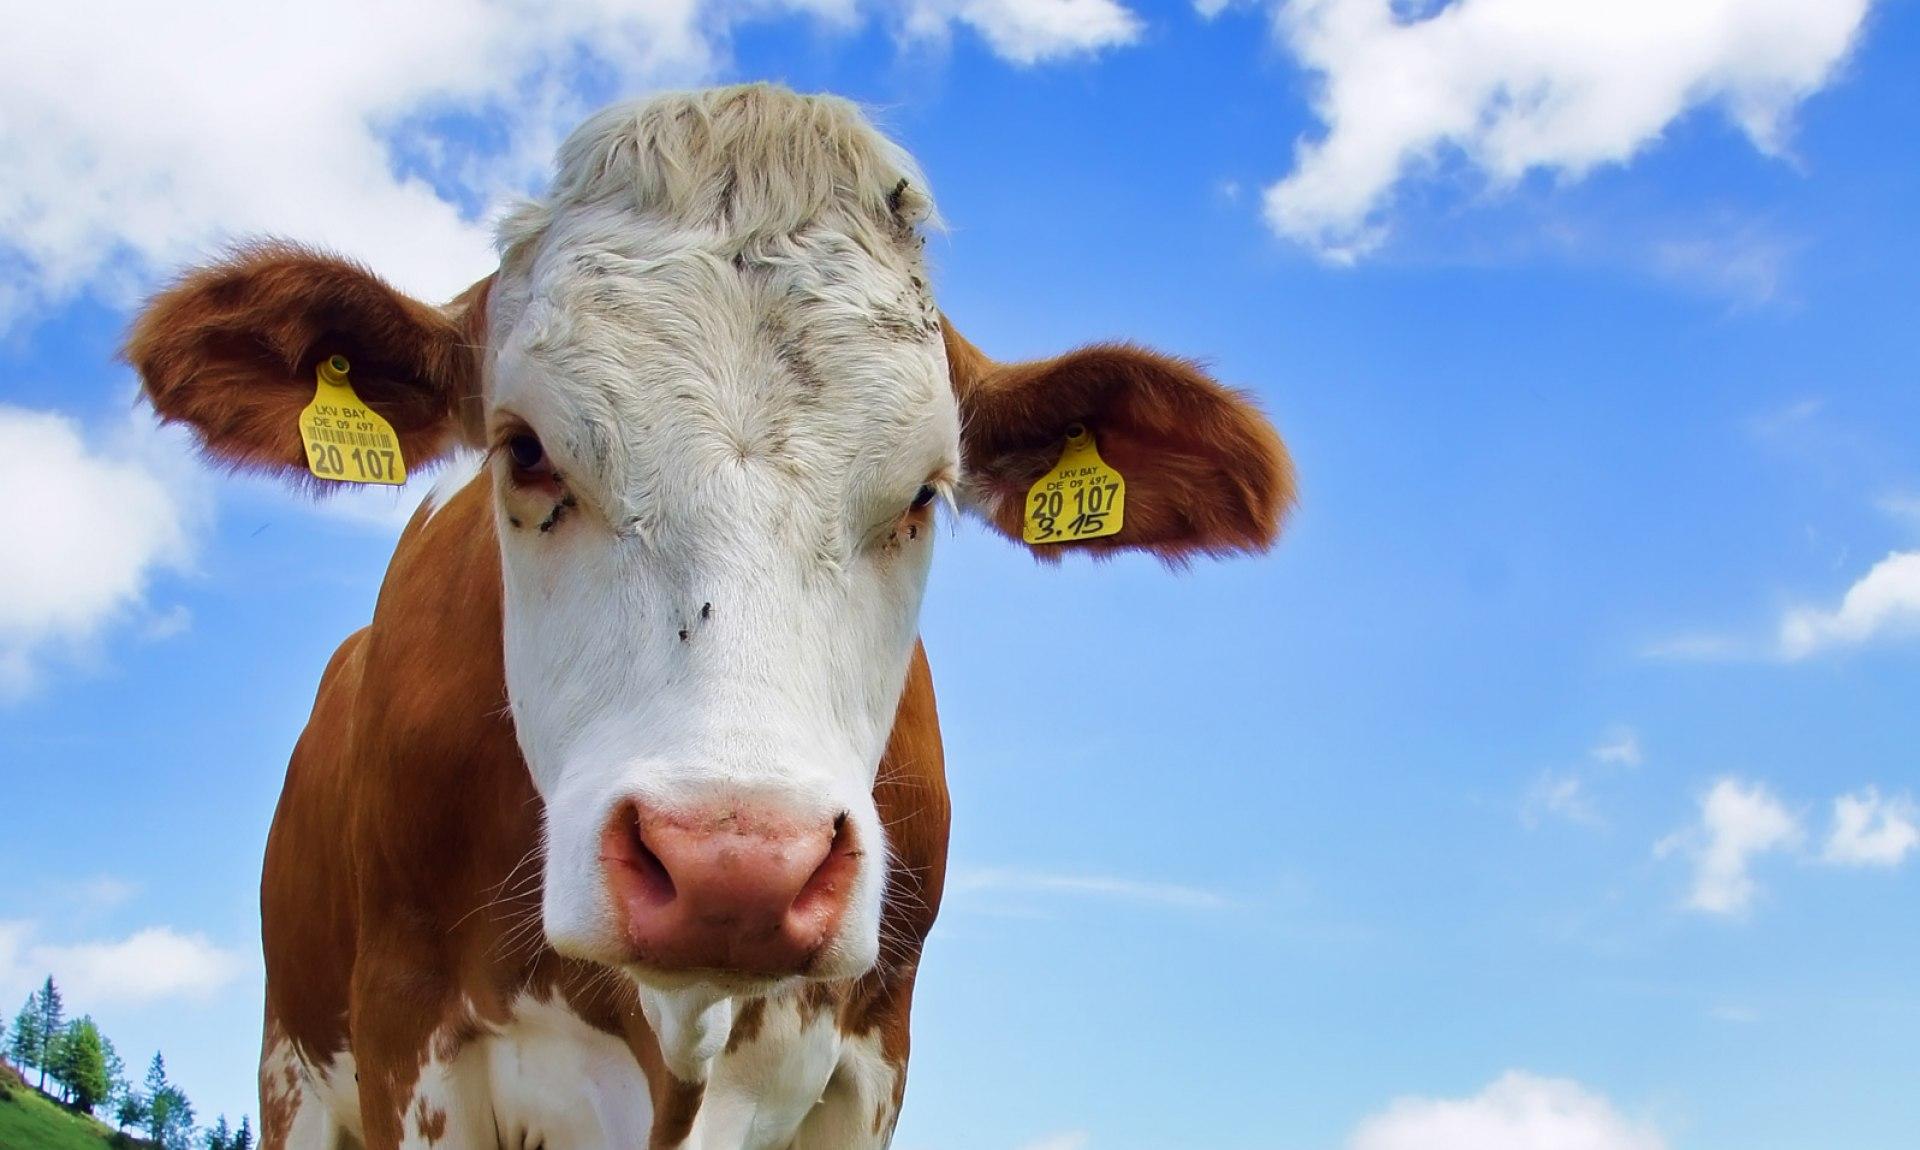 Kuh auf der Alm, © Claus Schuhmann